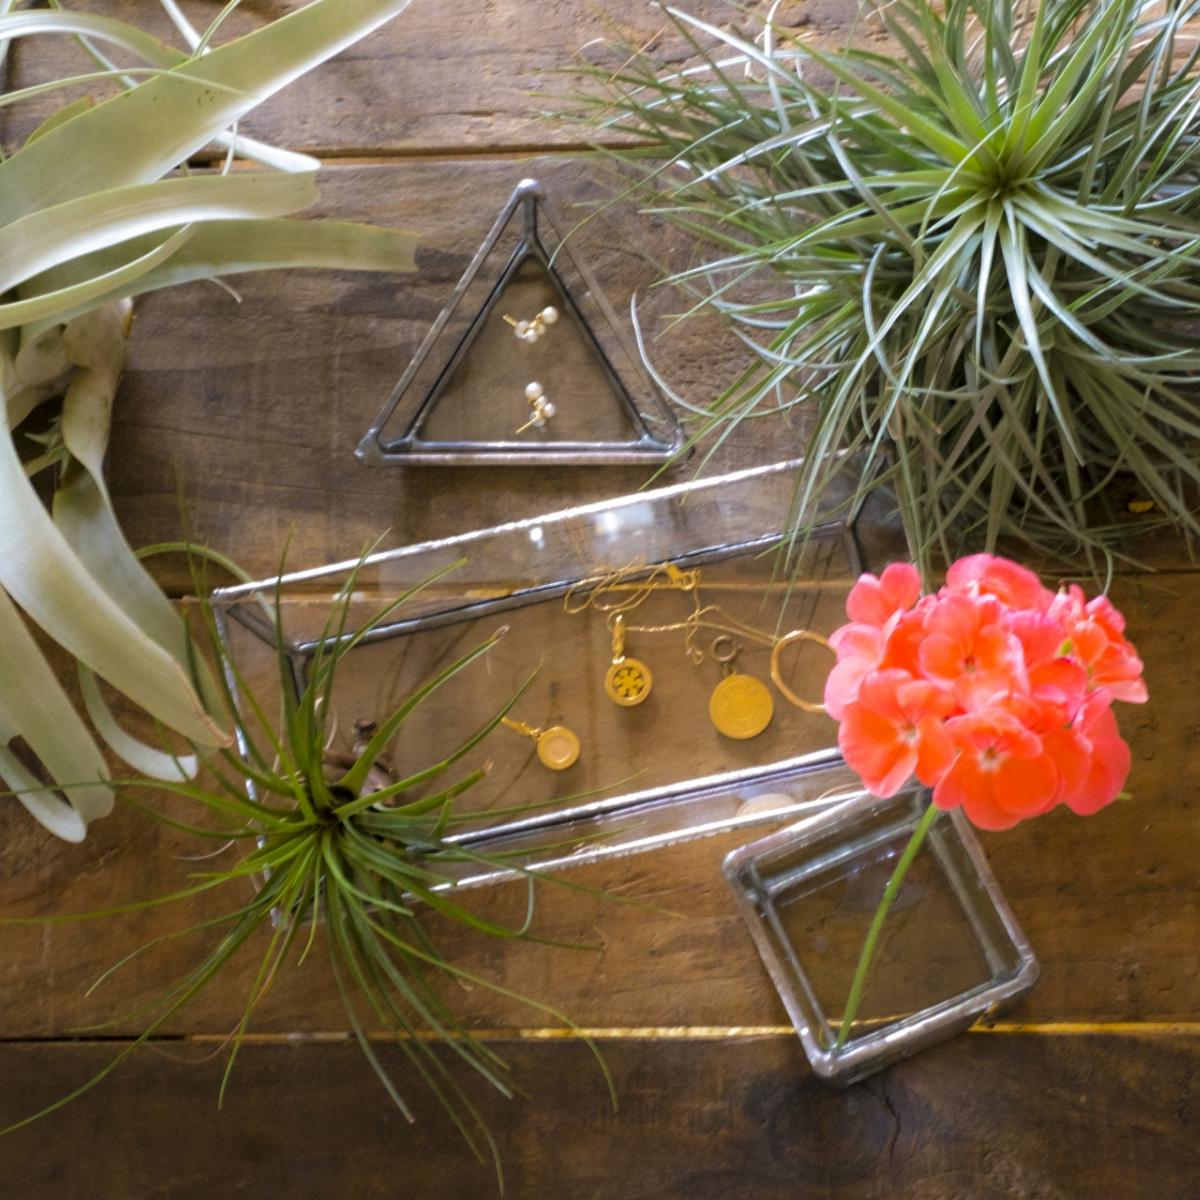 初心者におすすめのインテリアにあうテラリウムの飾り方&容器